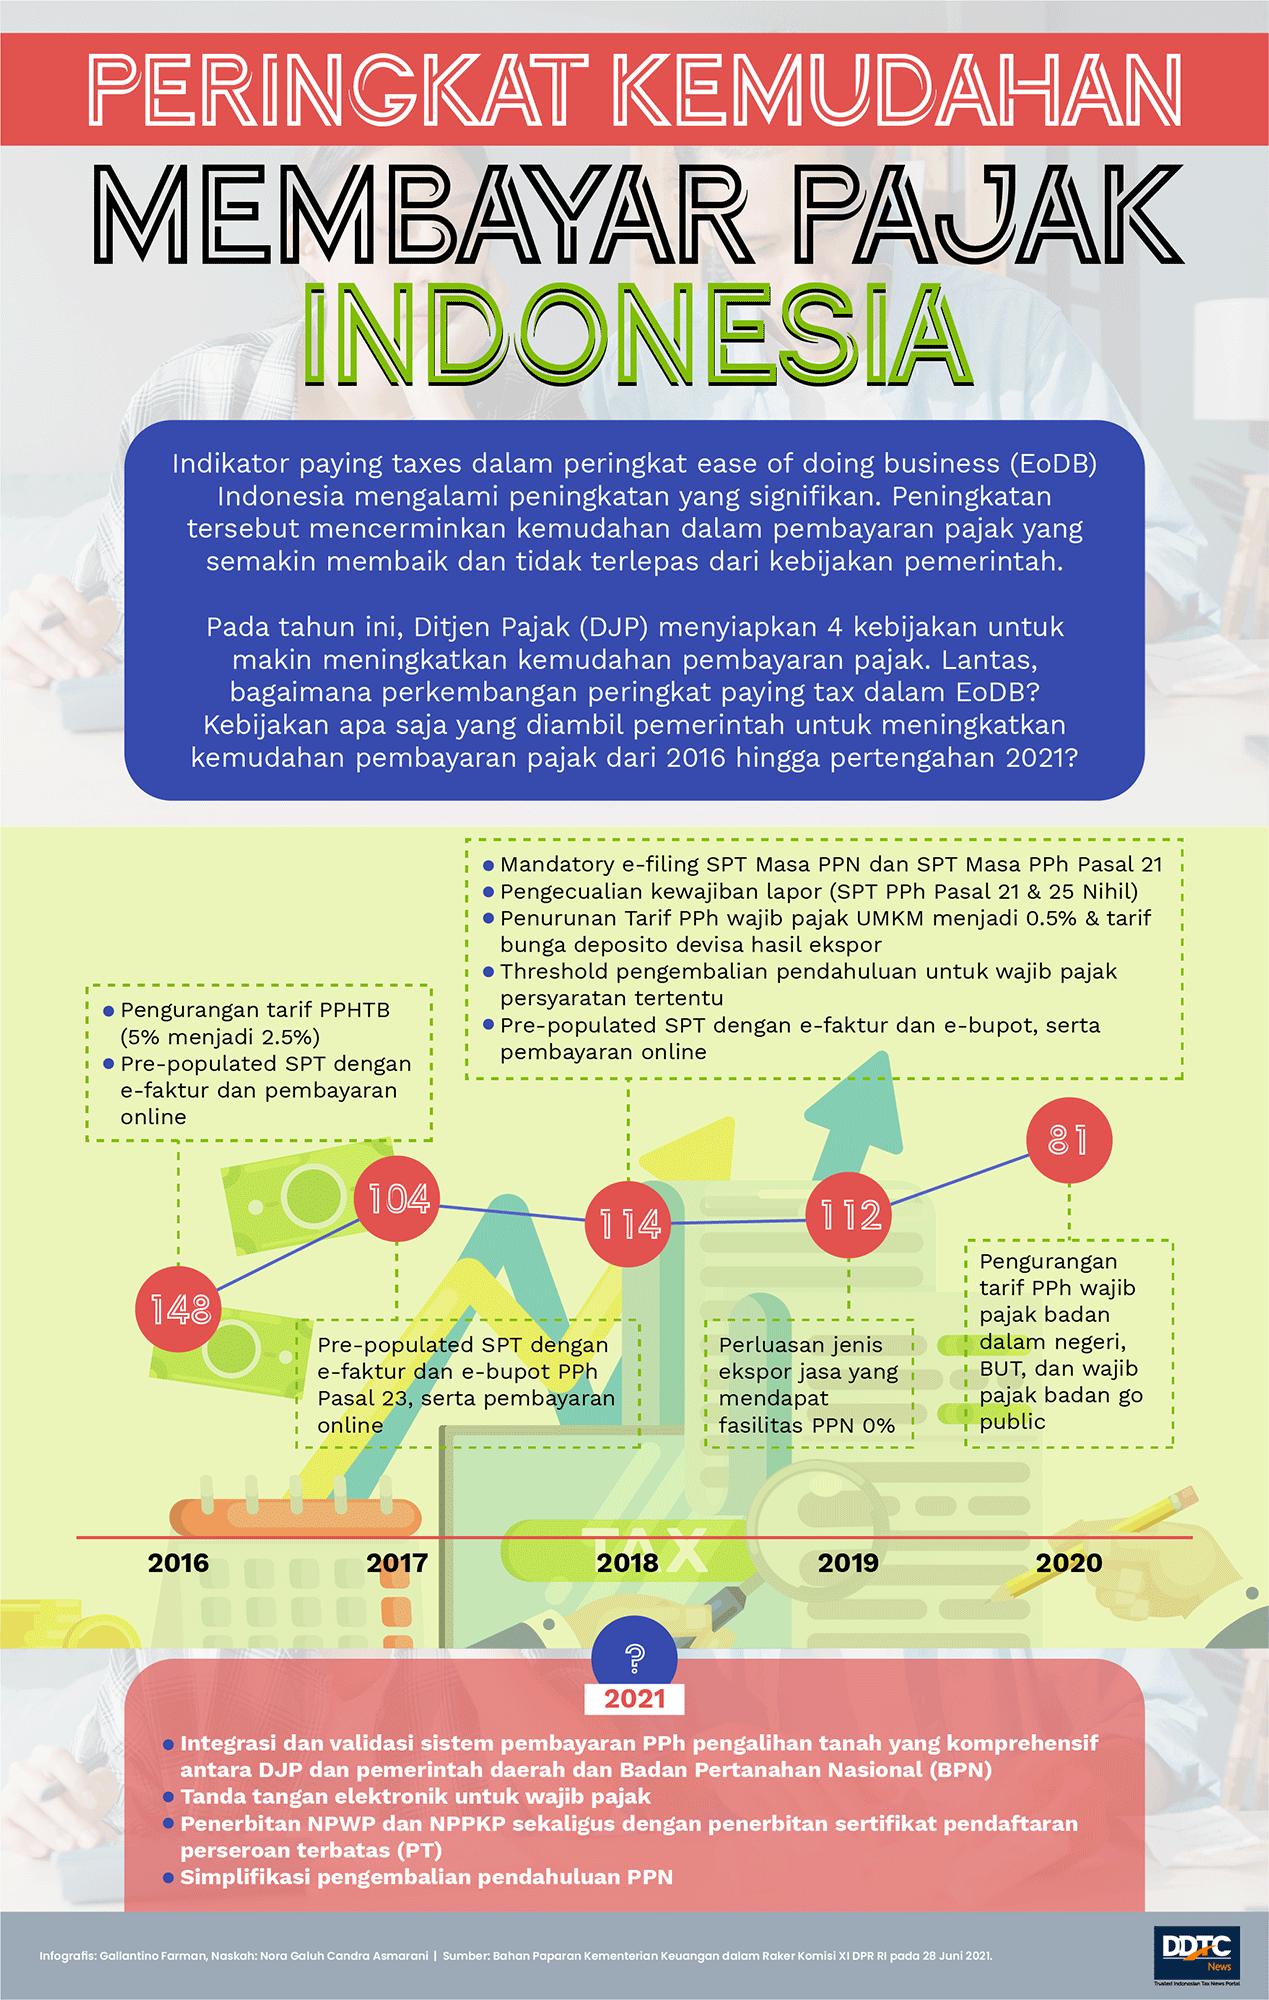 Peringkat Kemudahan Membayar Pajak Indonesia